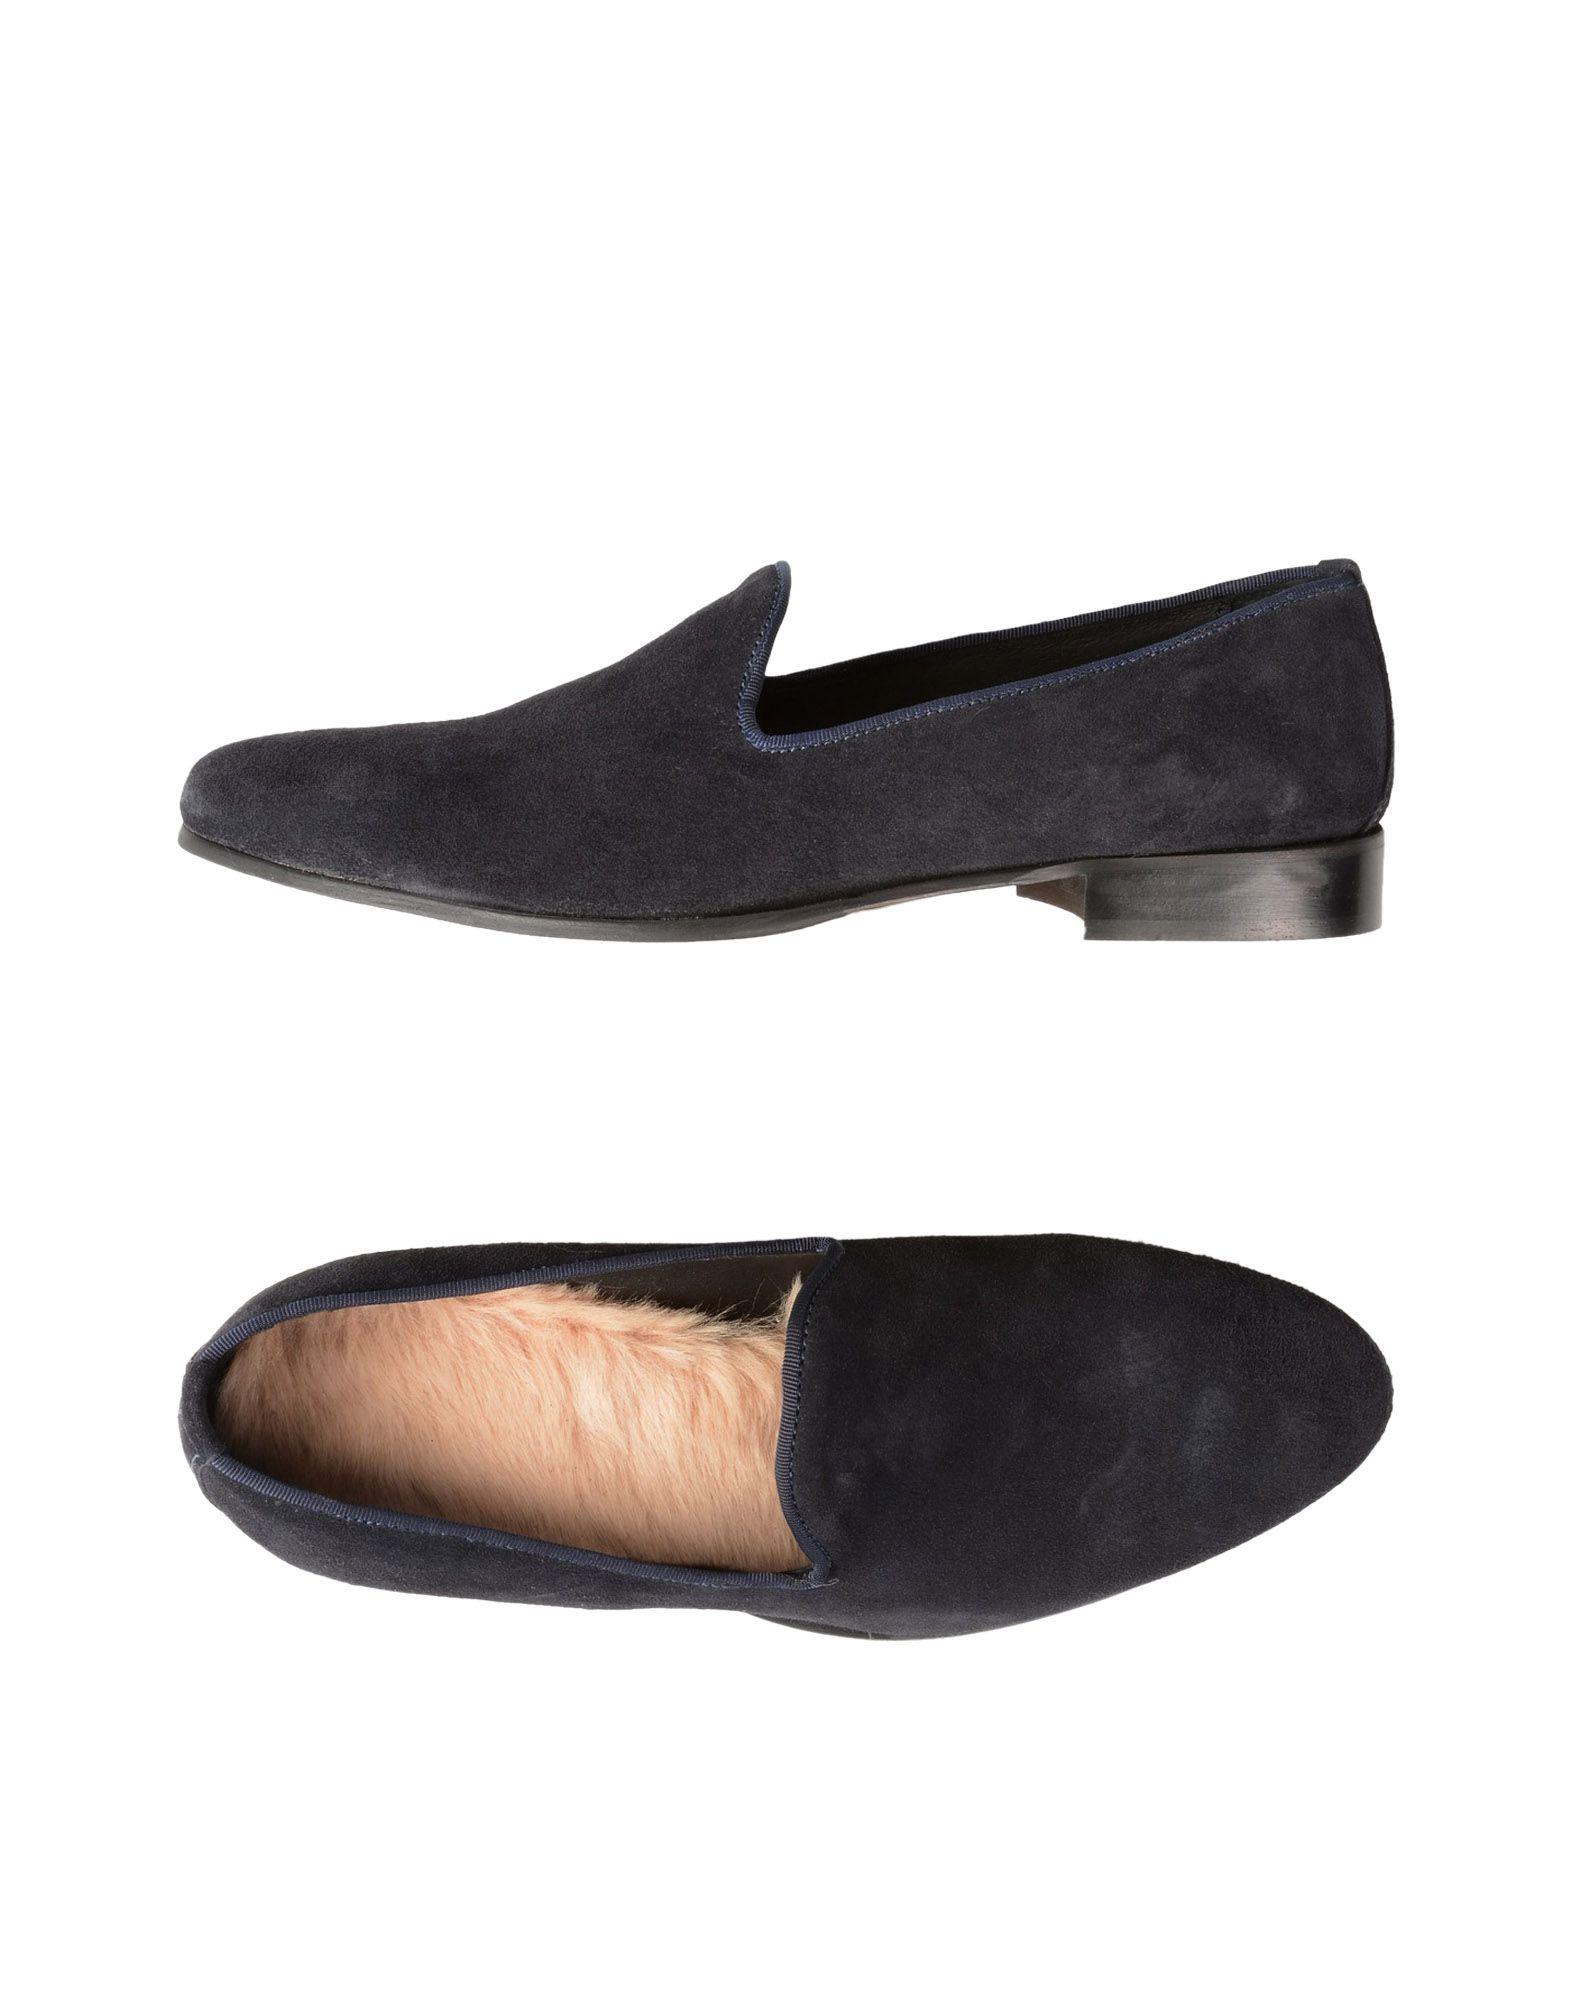 Ilaria Ranieri Mokassins Damen  11162679WM Gute Qualität beliebte Schuhe